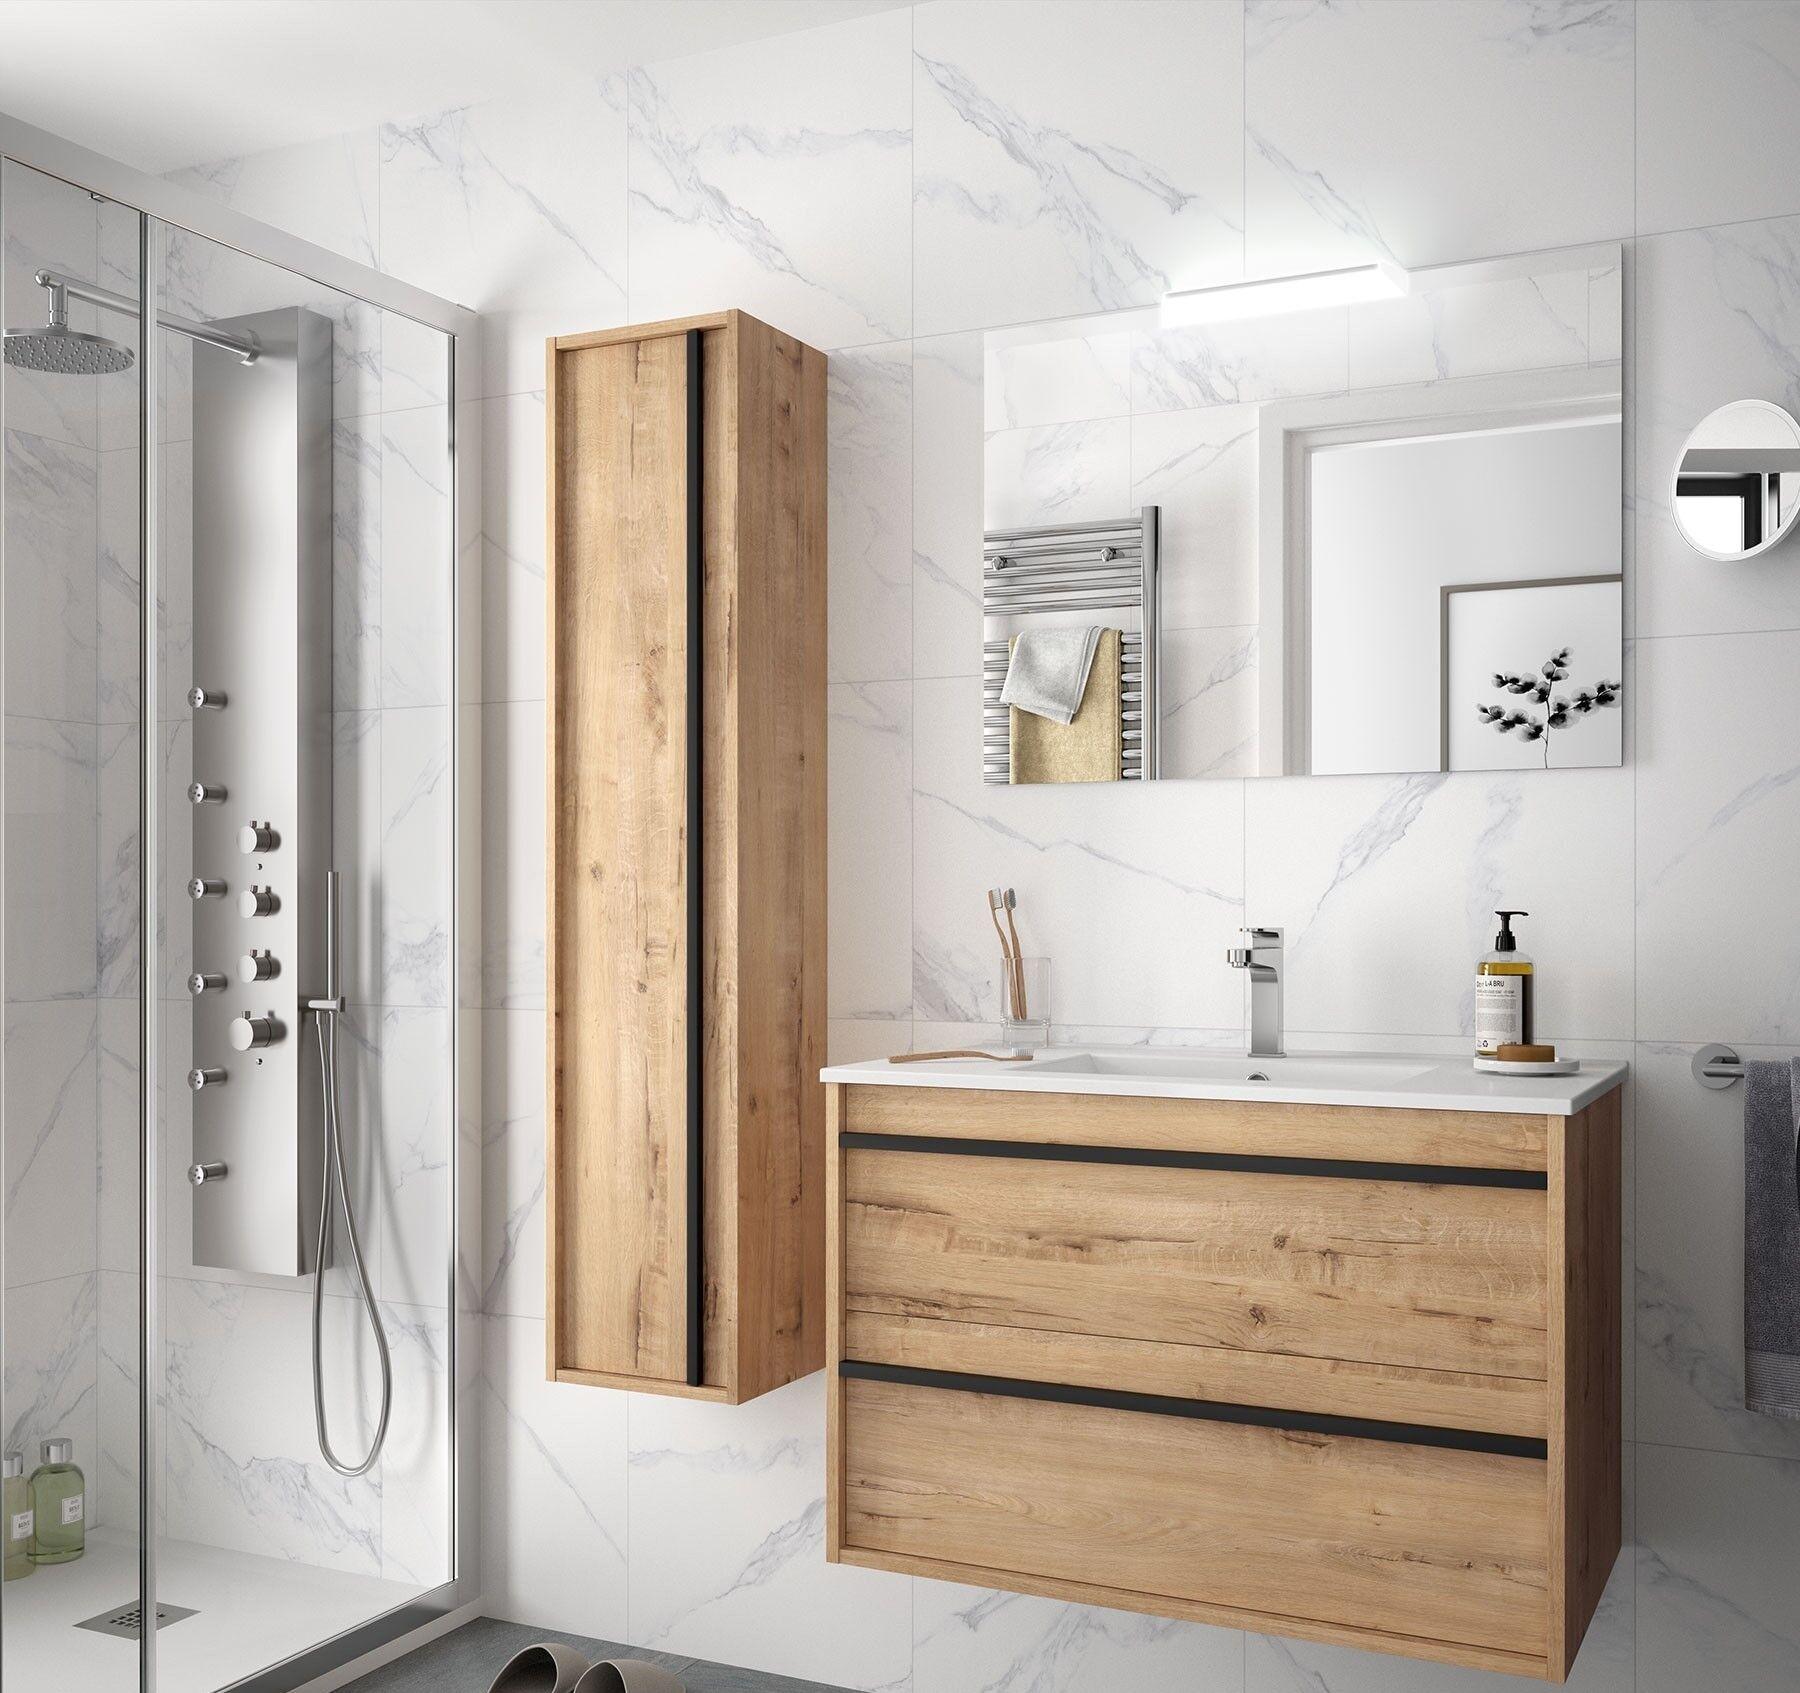 CAESAROO Meuble de salle de bain suspendu 80 cm Nevada en bois couleur chêne ostippo avec lavabo en porcelaine   80 cm - Avec double colonne, miroir et lampe à LED